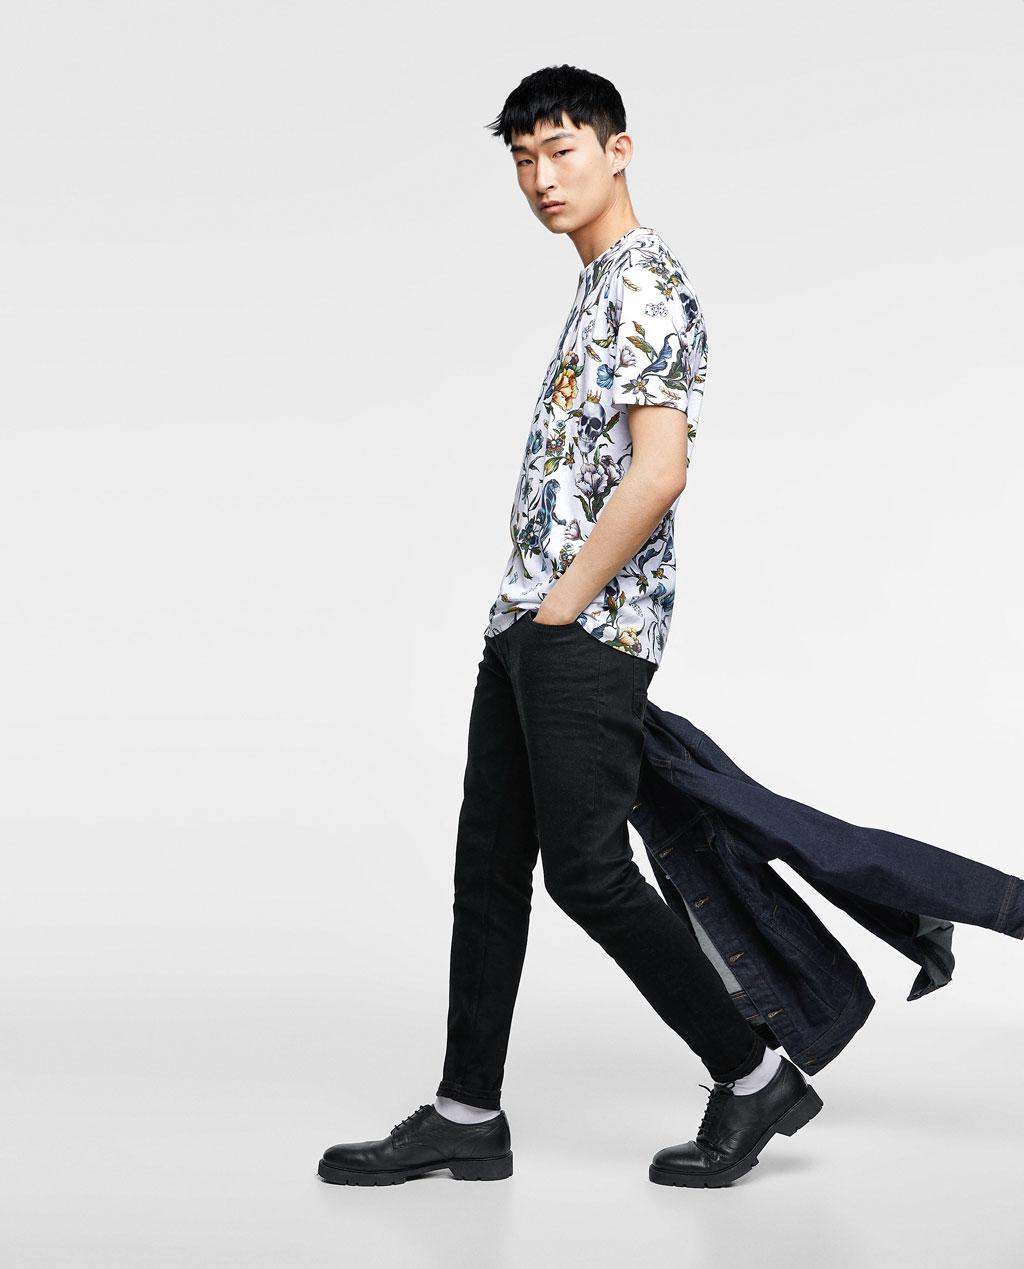 Thời trang nam Zara  24047 - ảnh 5